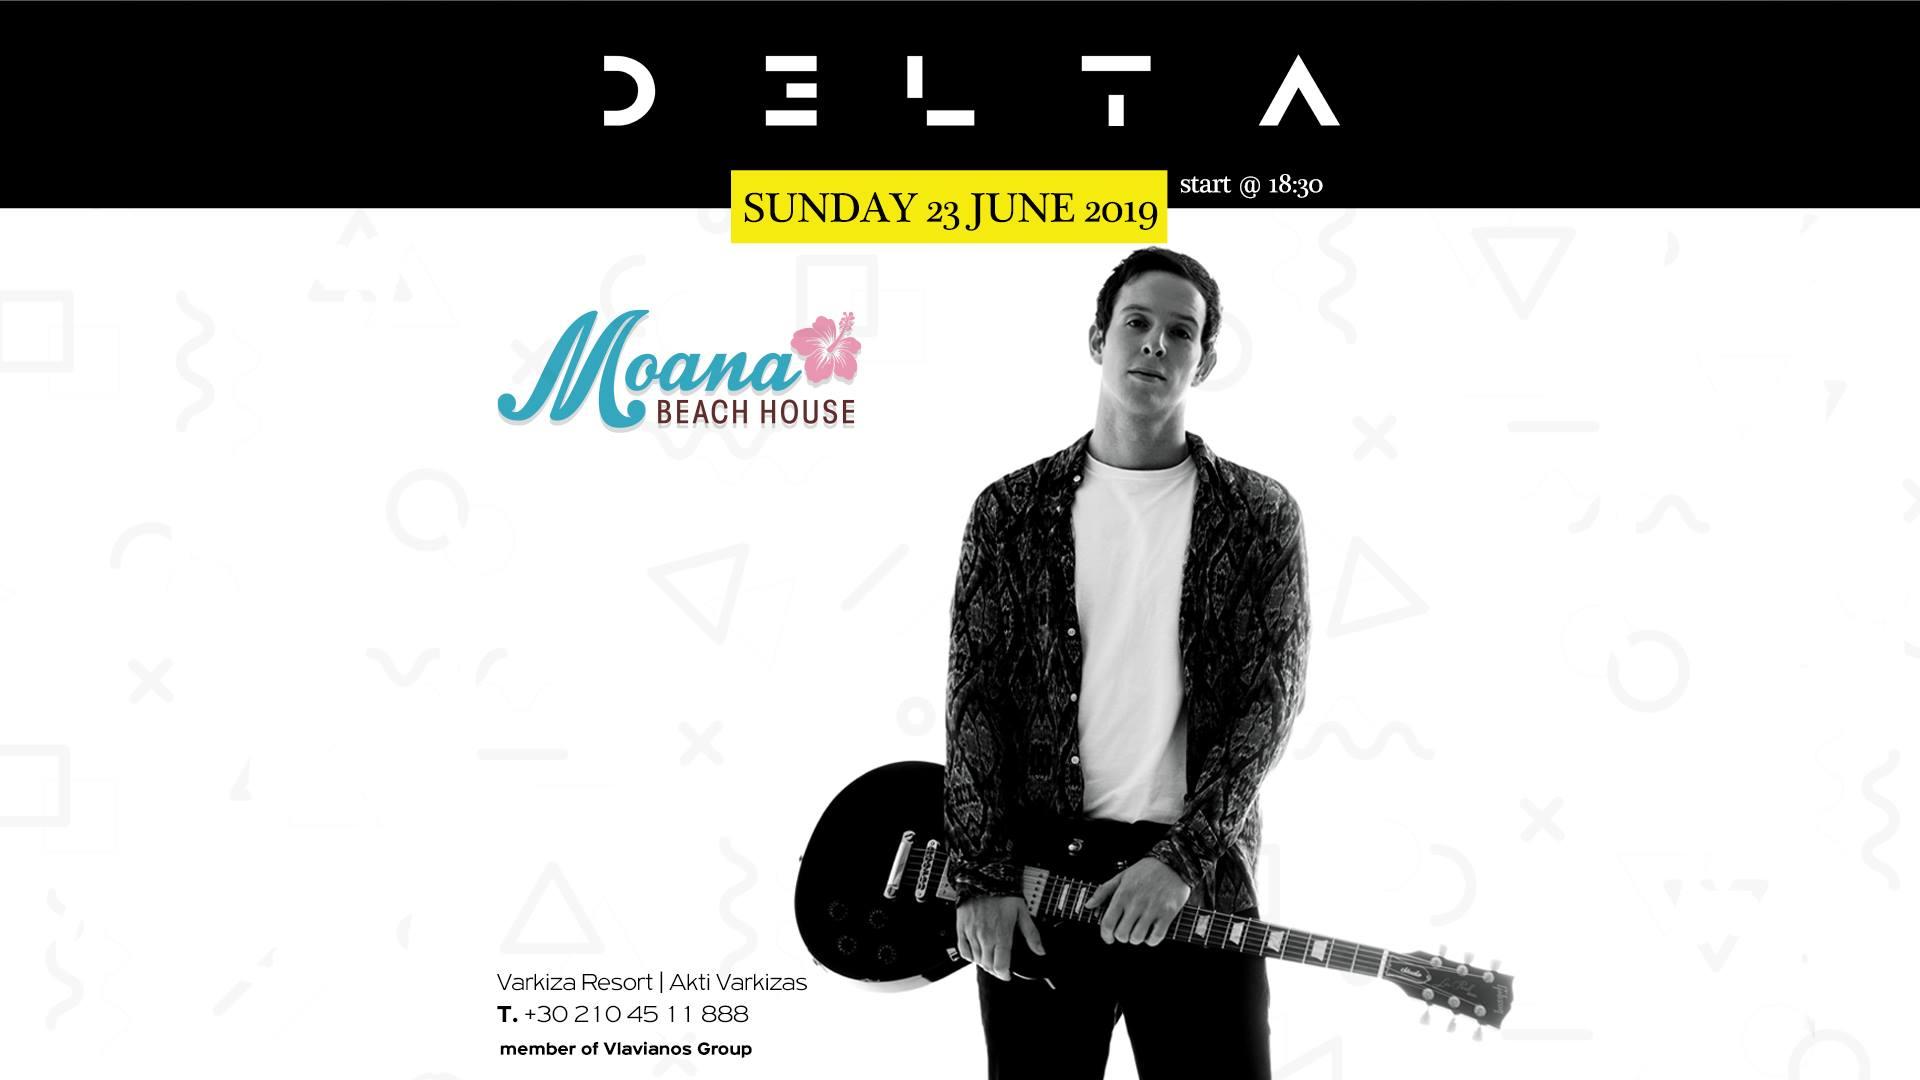 Ο D3LTA σε ένα άκρως καλοκαιρινό live στο Moana Beach House!